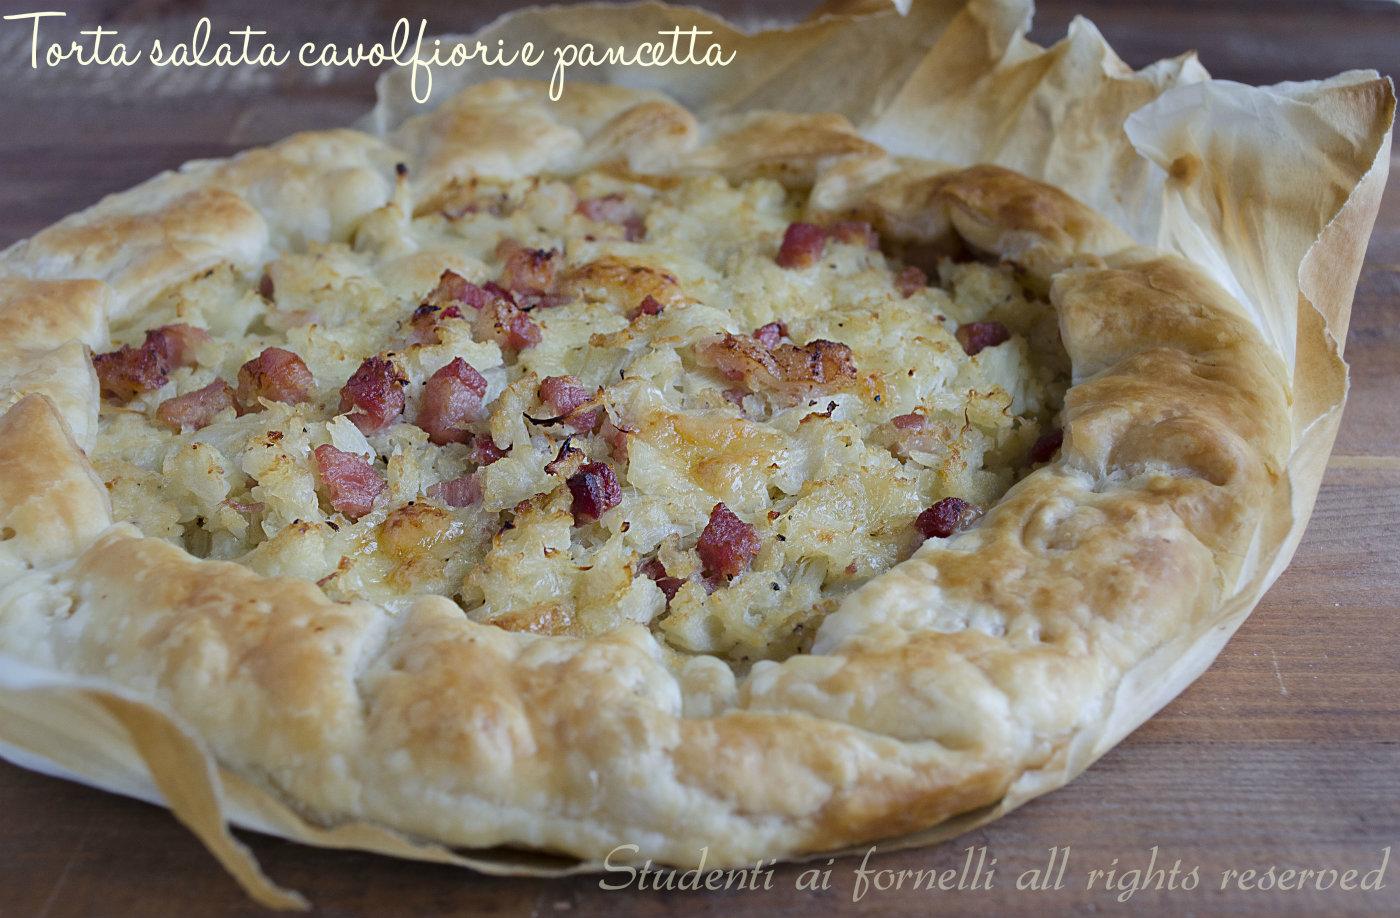 torta salata cavolfiori e pancetta ricetta rustico gustoso